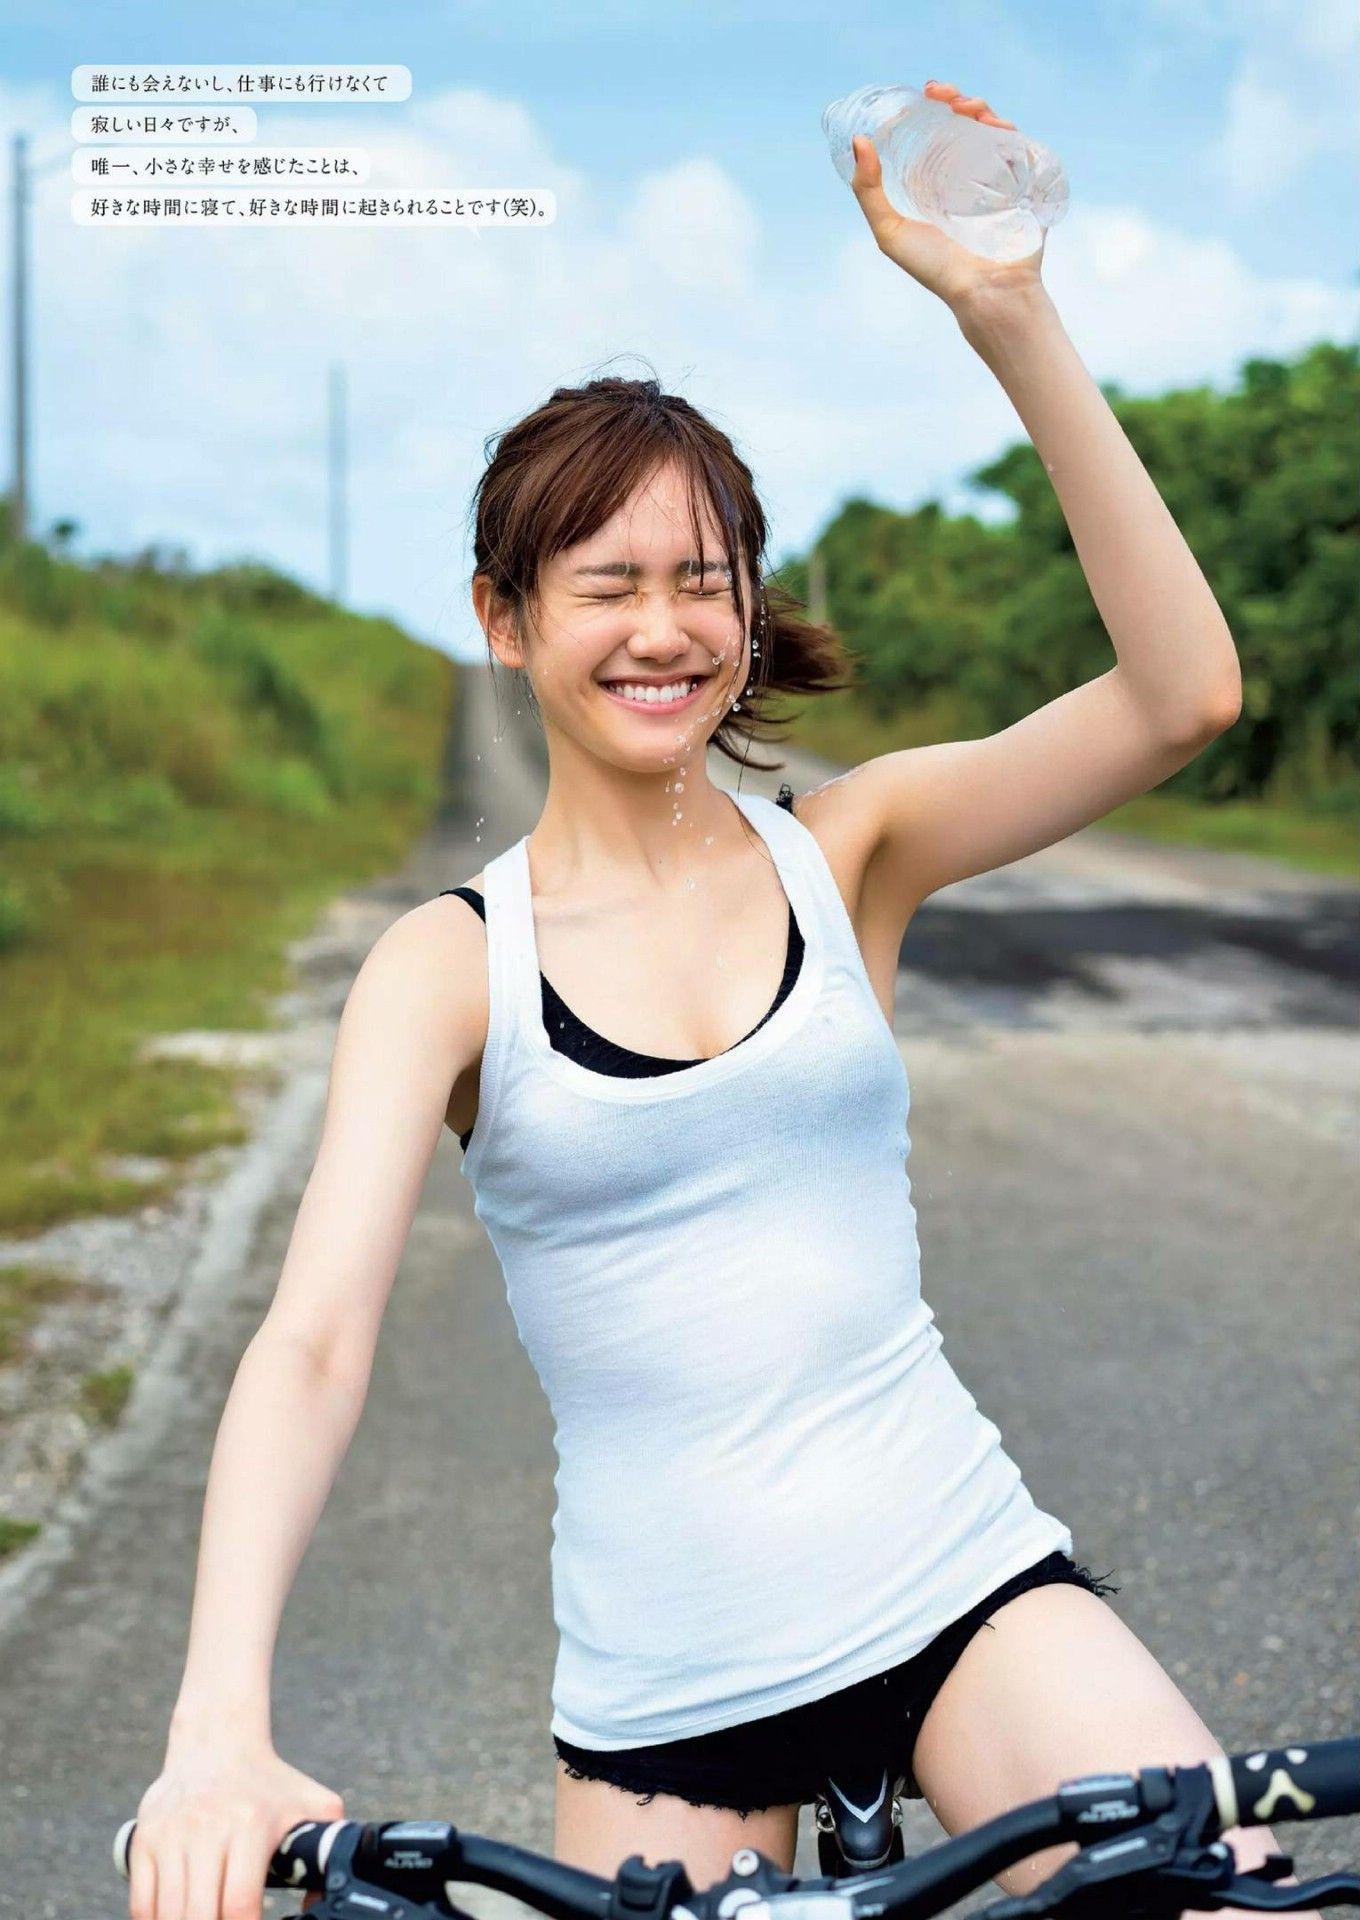 高崎加奈美 吉田爱理-Weekly Playboy-第18张图片- www.coserba.com整理发布